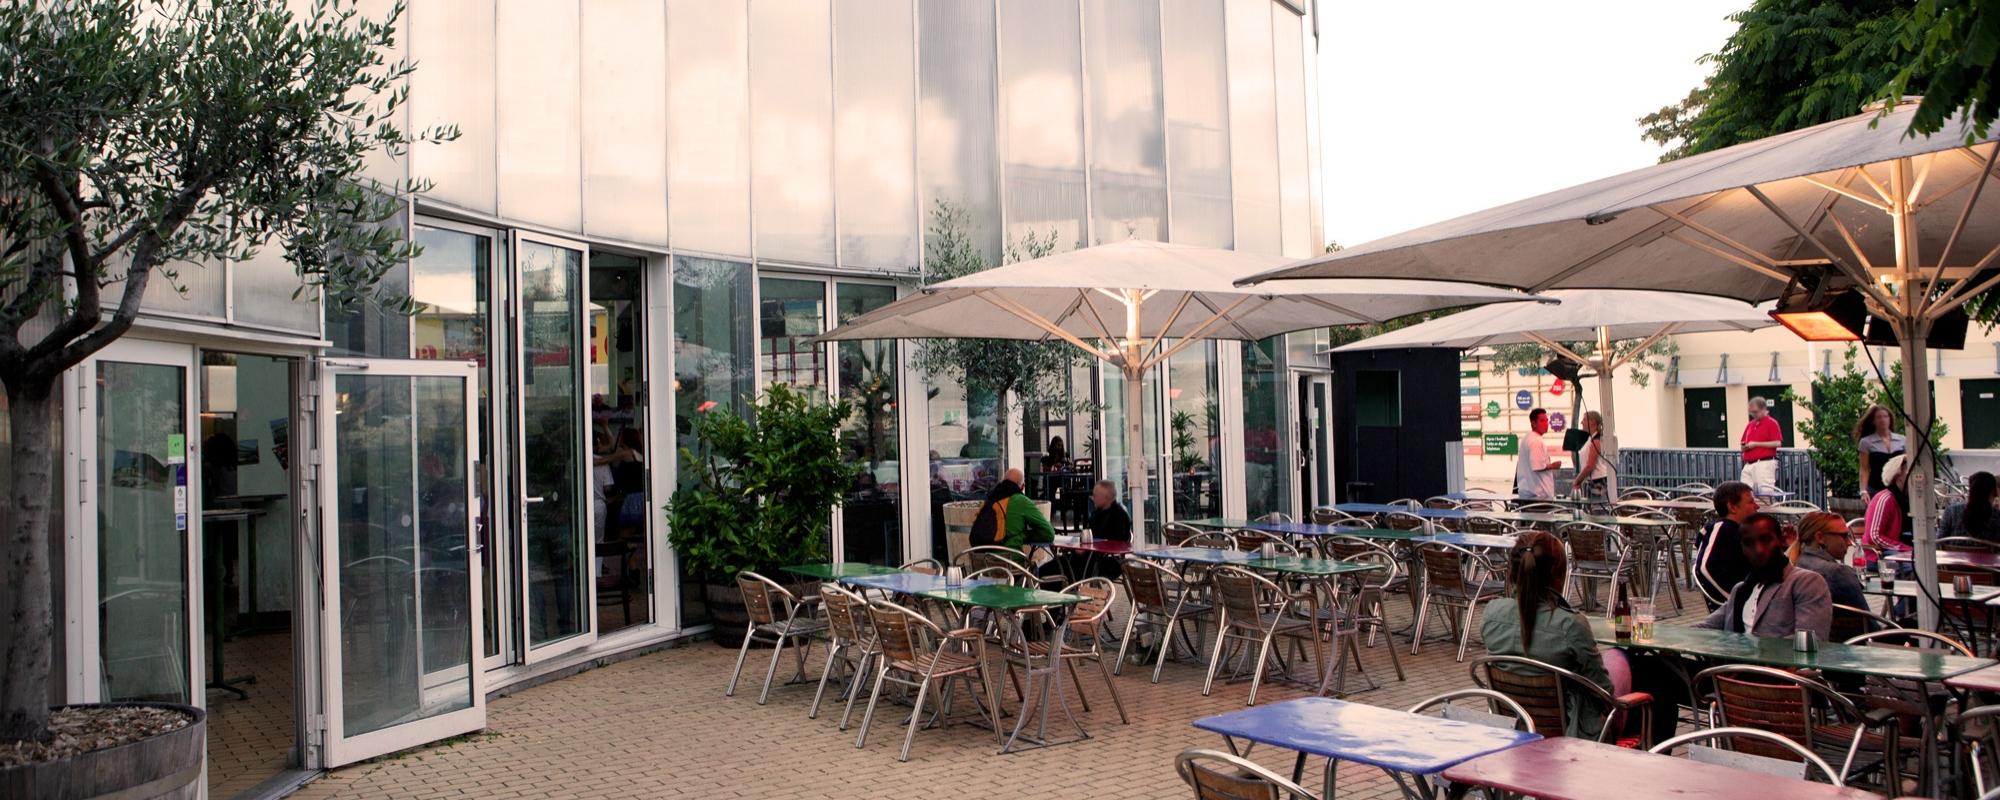 Glasbyggnaden Folkets Orangeri i dagsljus. Framför byggnaden stå några bord, stolar och parasoll.